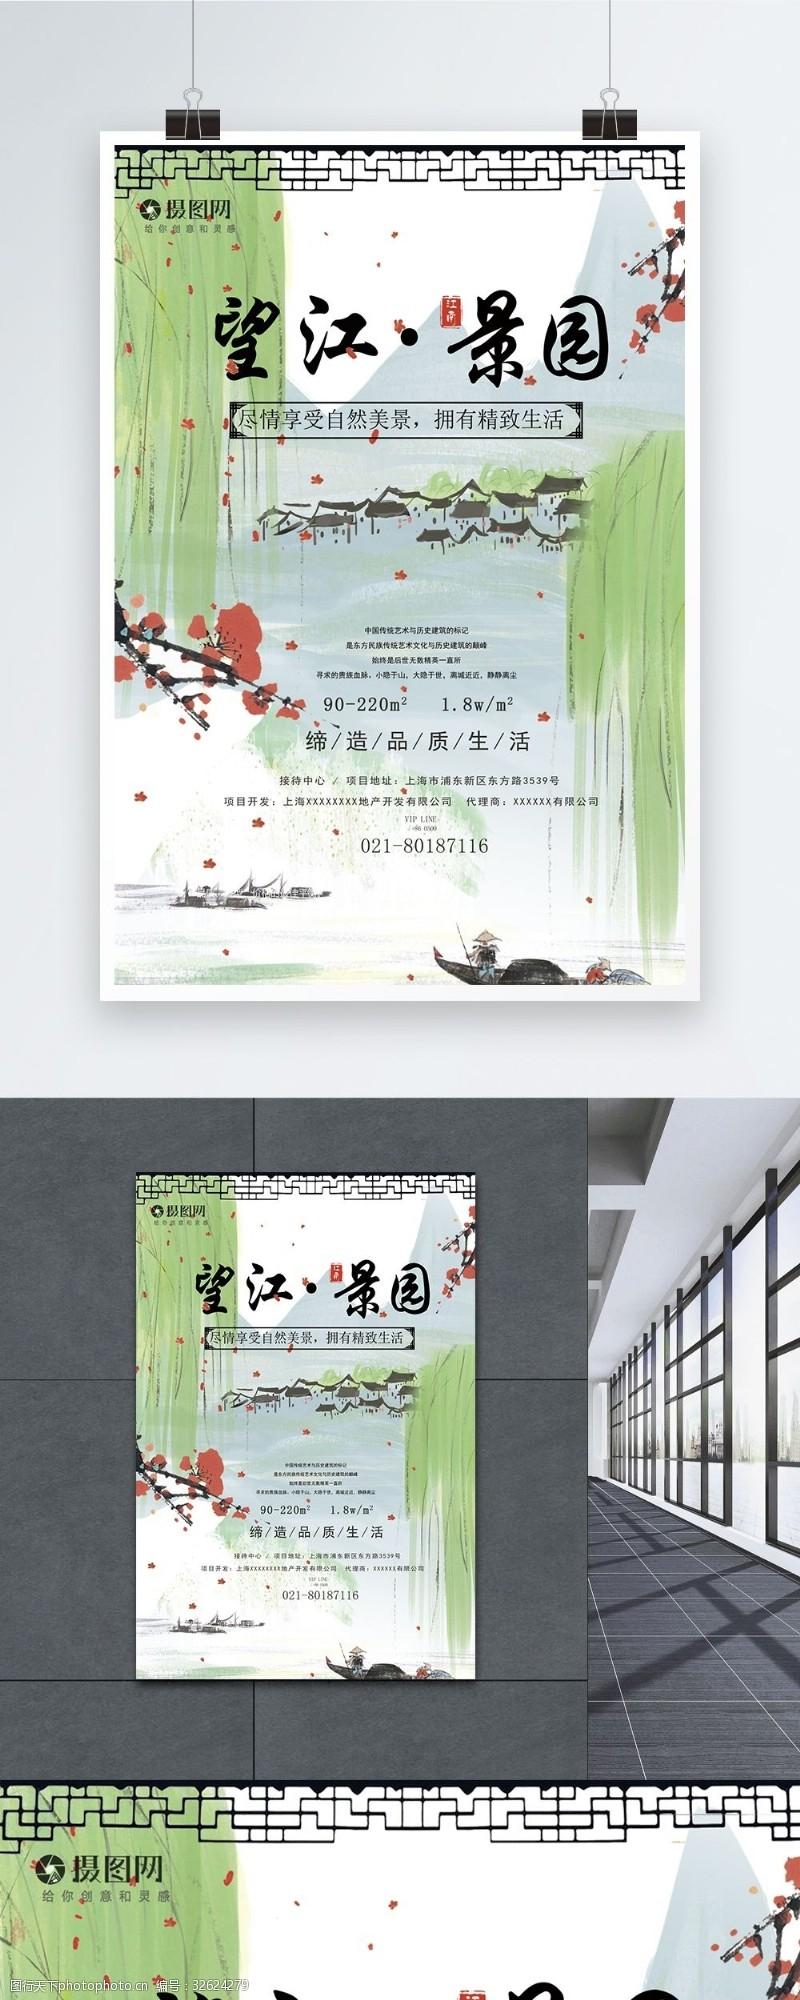 高端房地產海報設計